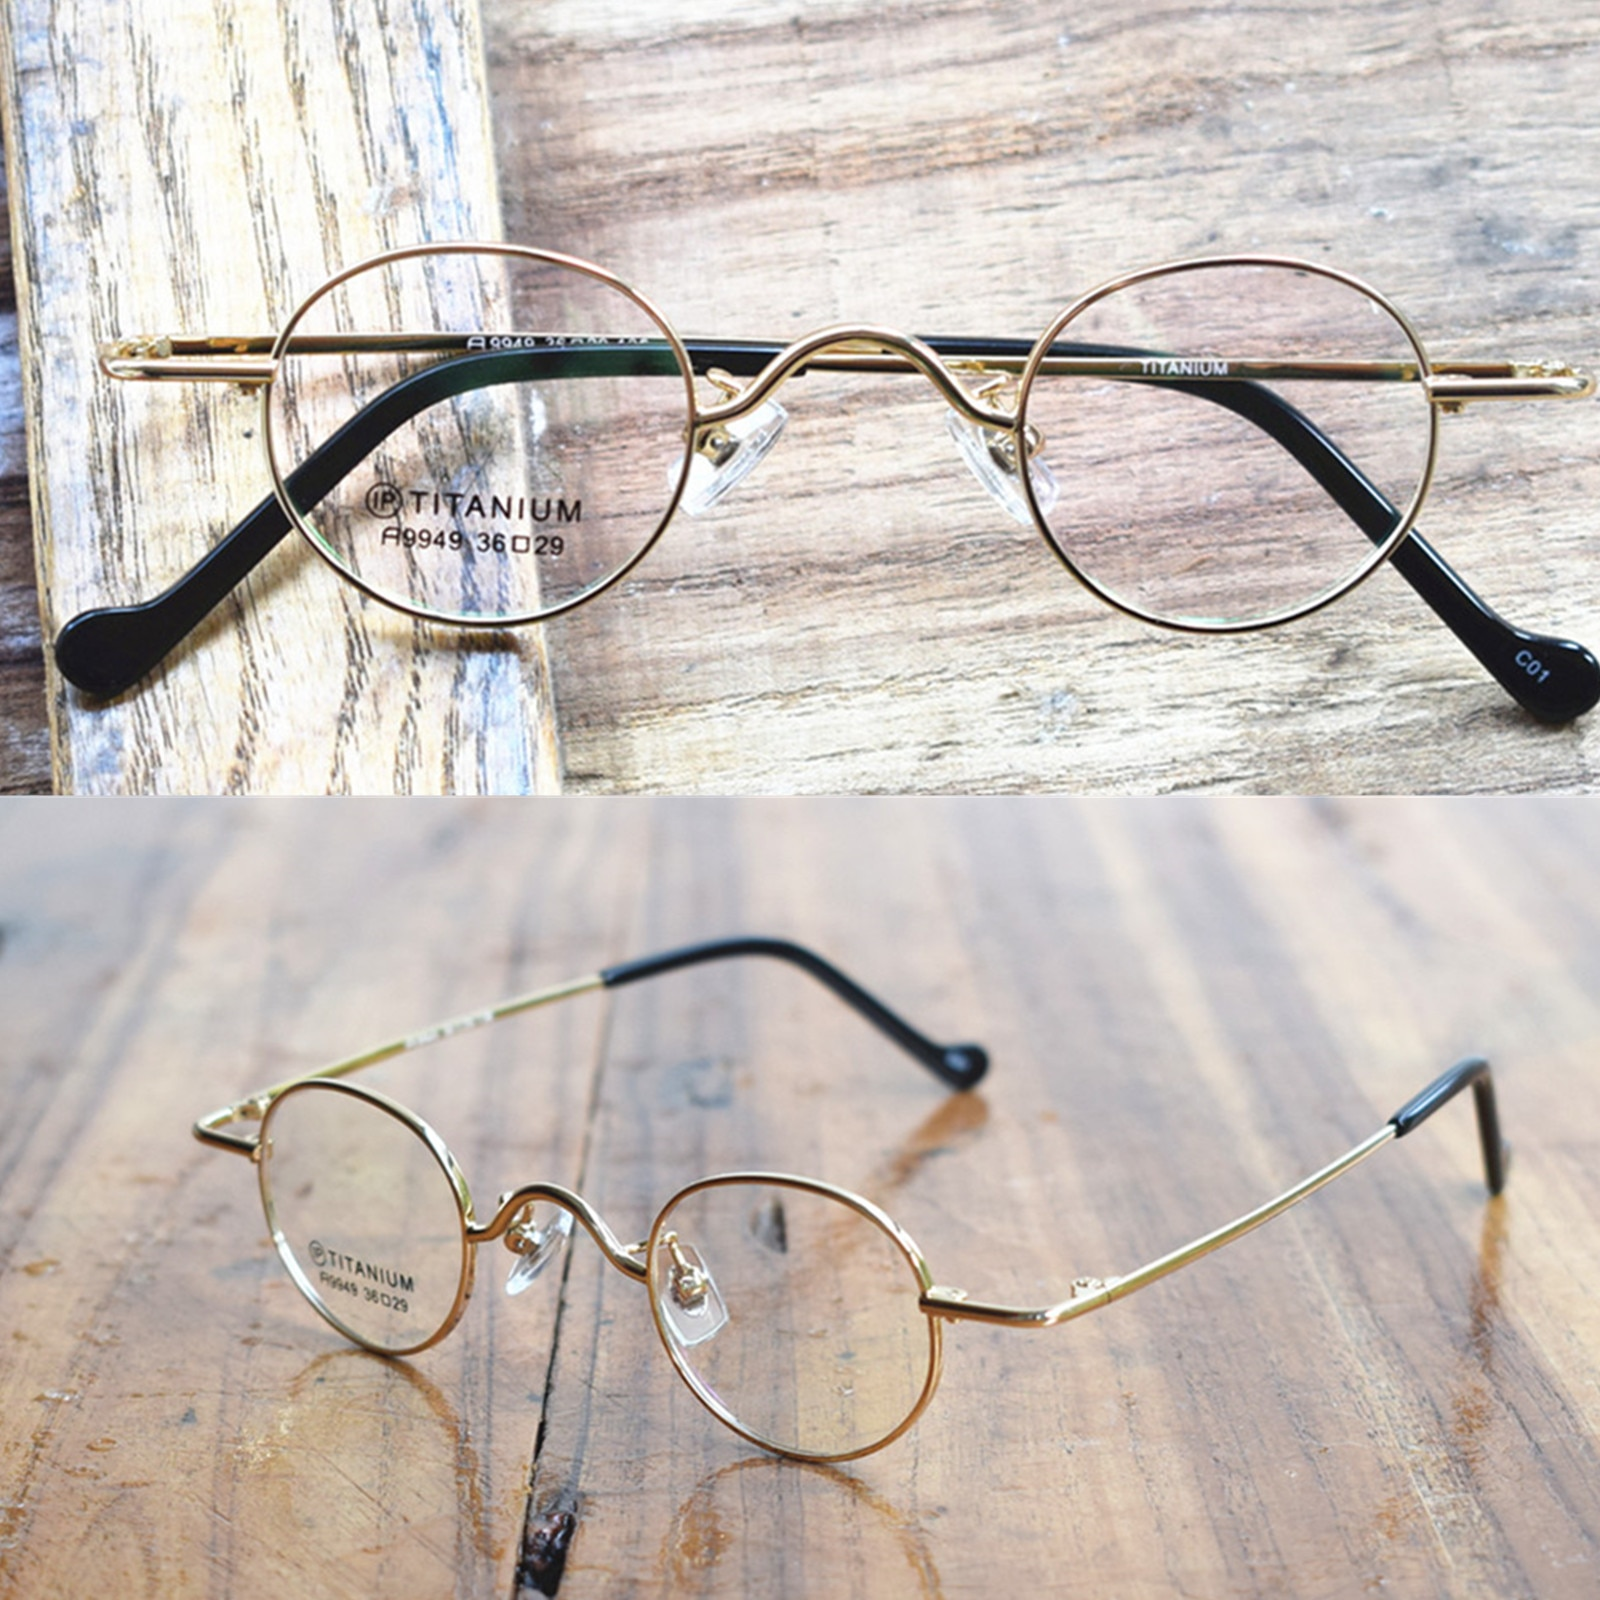 إطارات النظارات البيضاوية فائقة الحواف للرجال والنساء ، إطارات النظارات البيضاوية فائقة الحجم ، وصفة طبية بصرية ، خفيفة الوزن